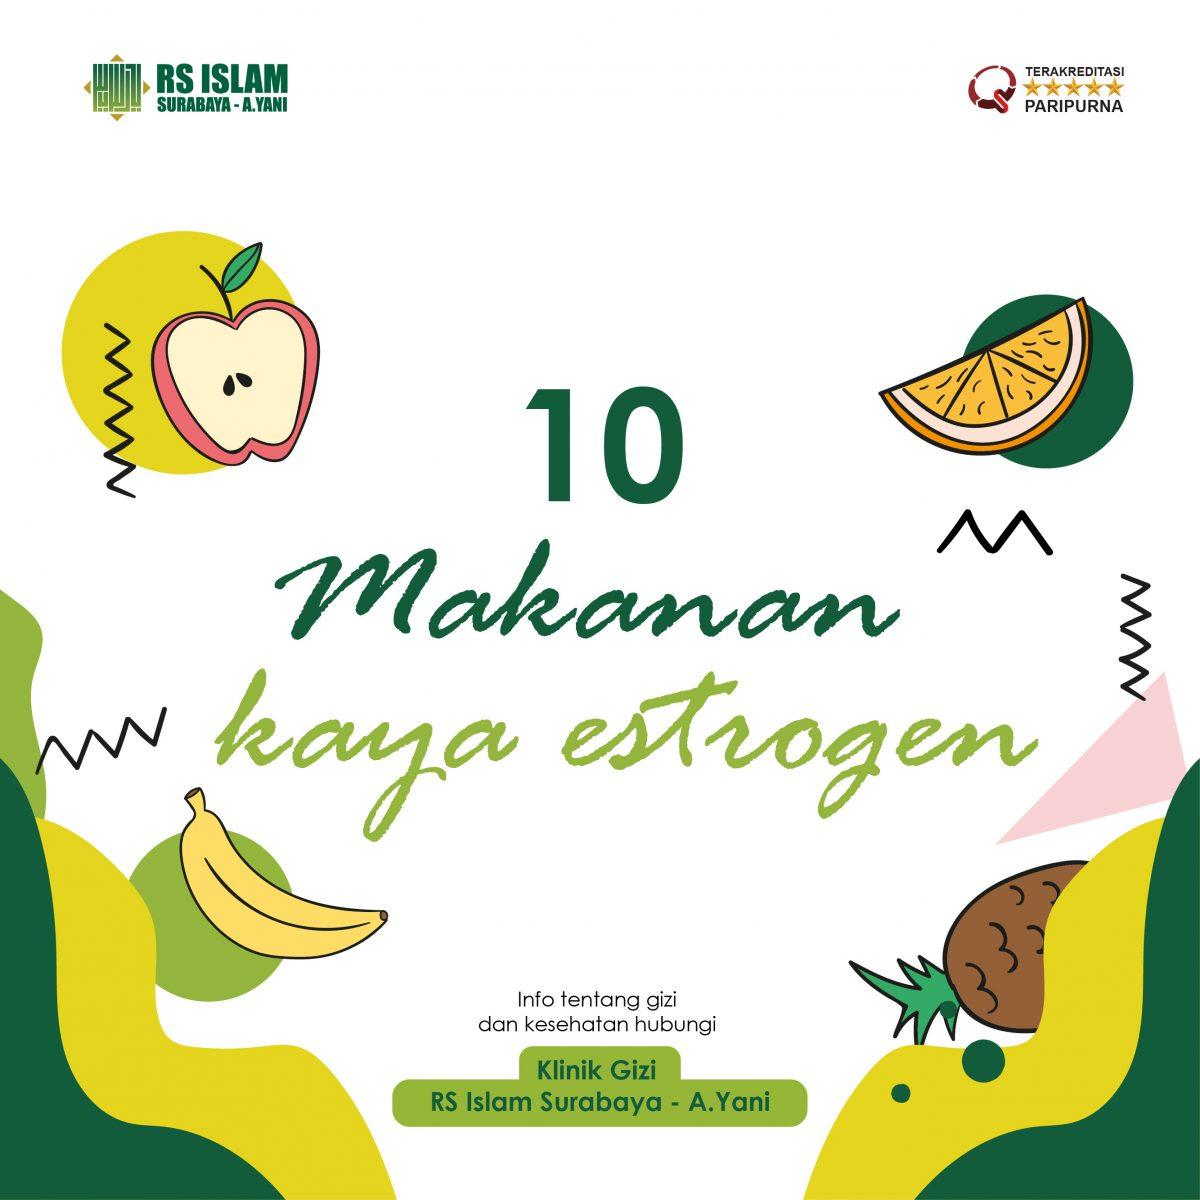 10-makanan-01-01-1200x1200.jpg